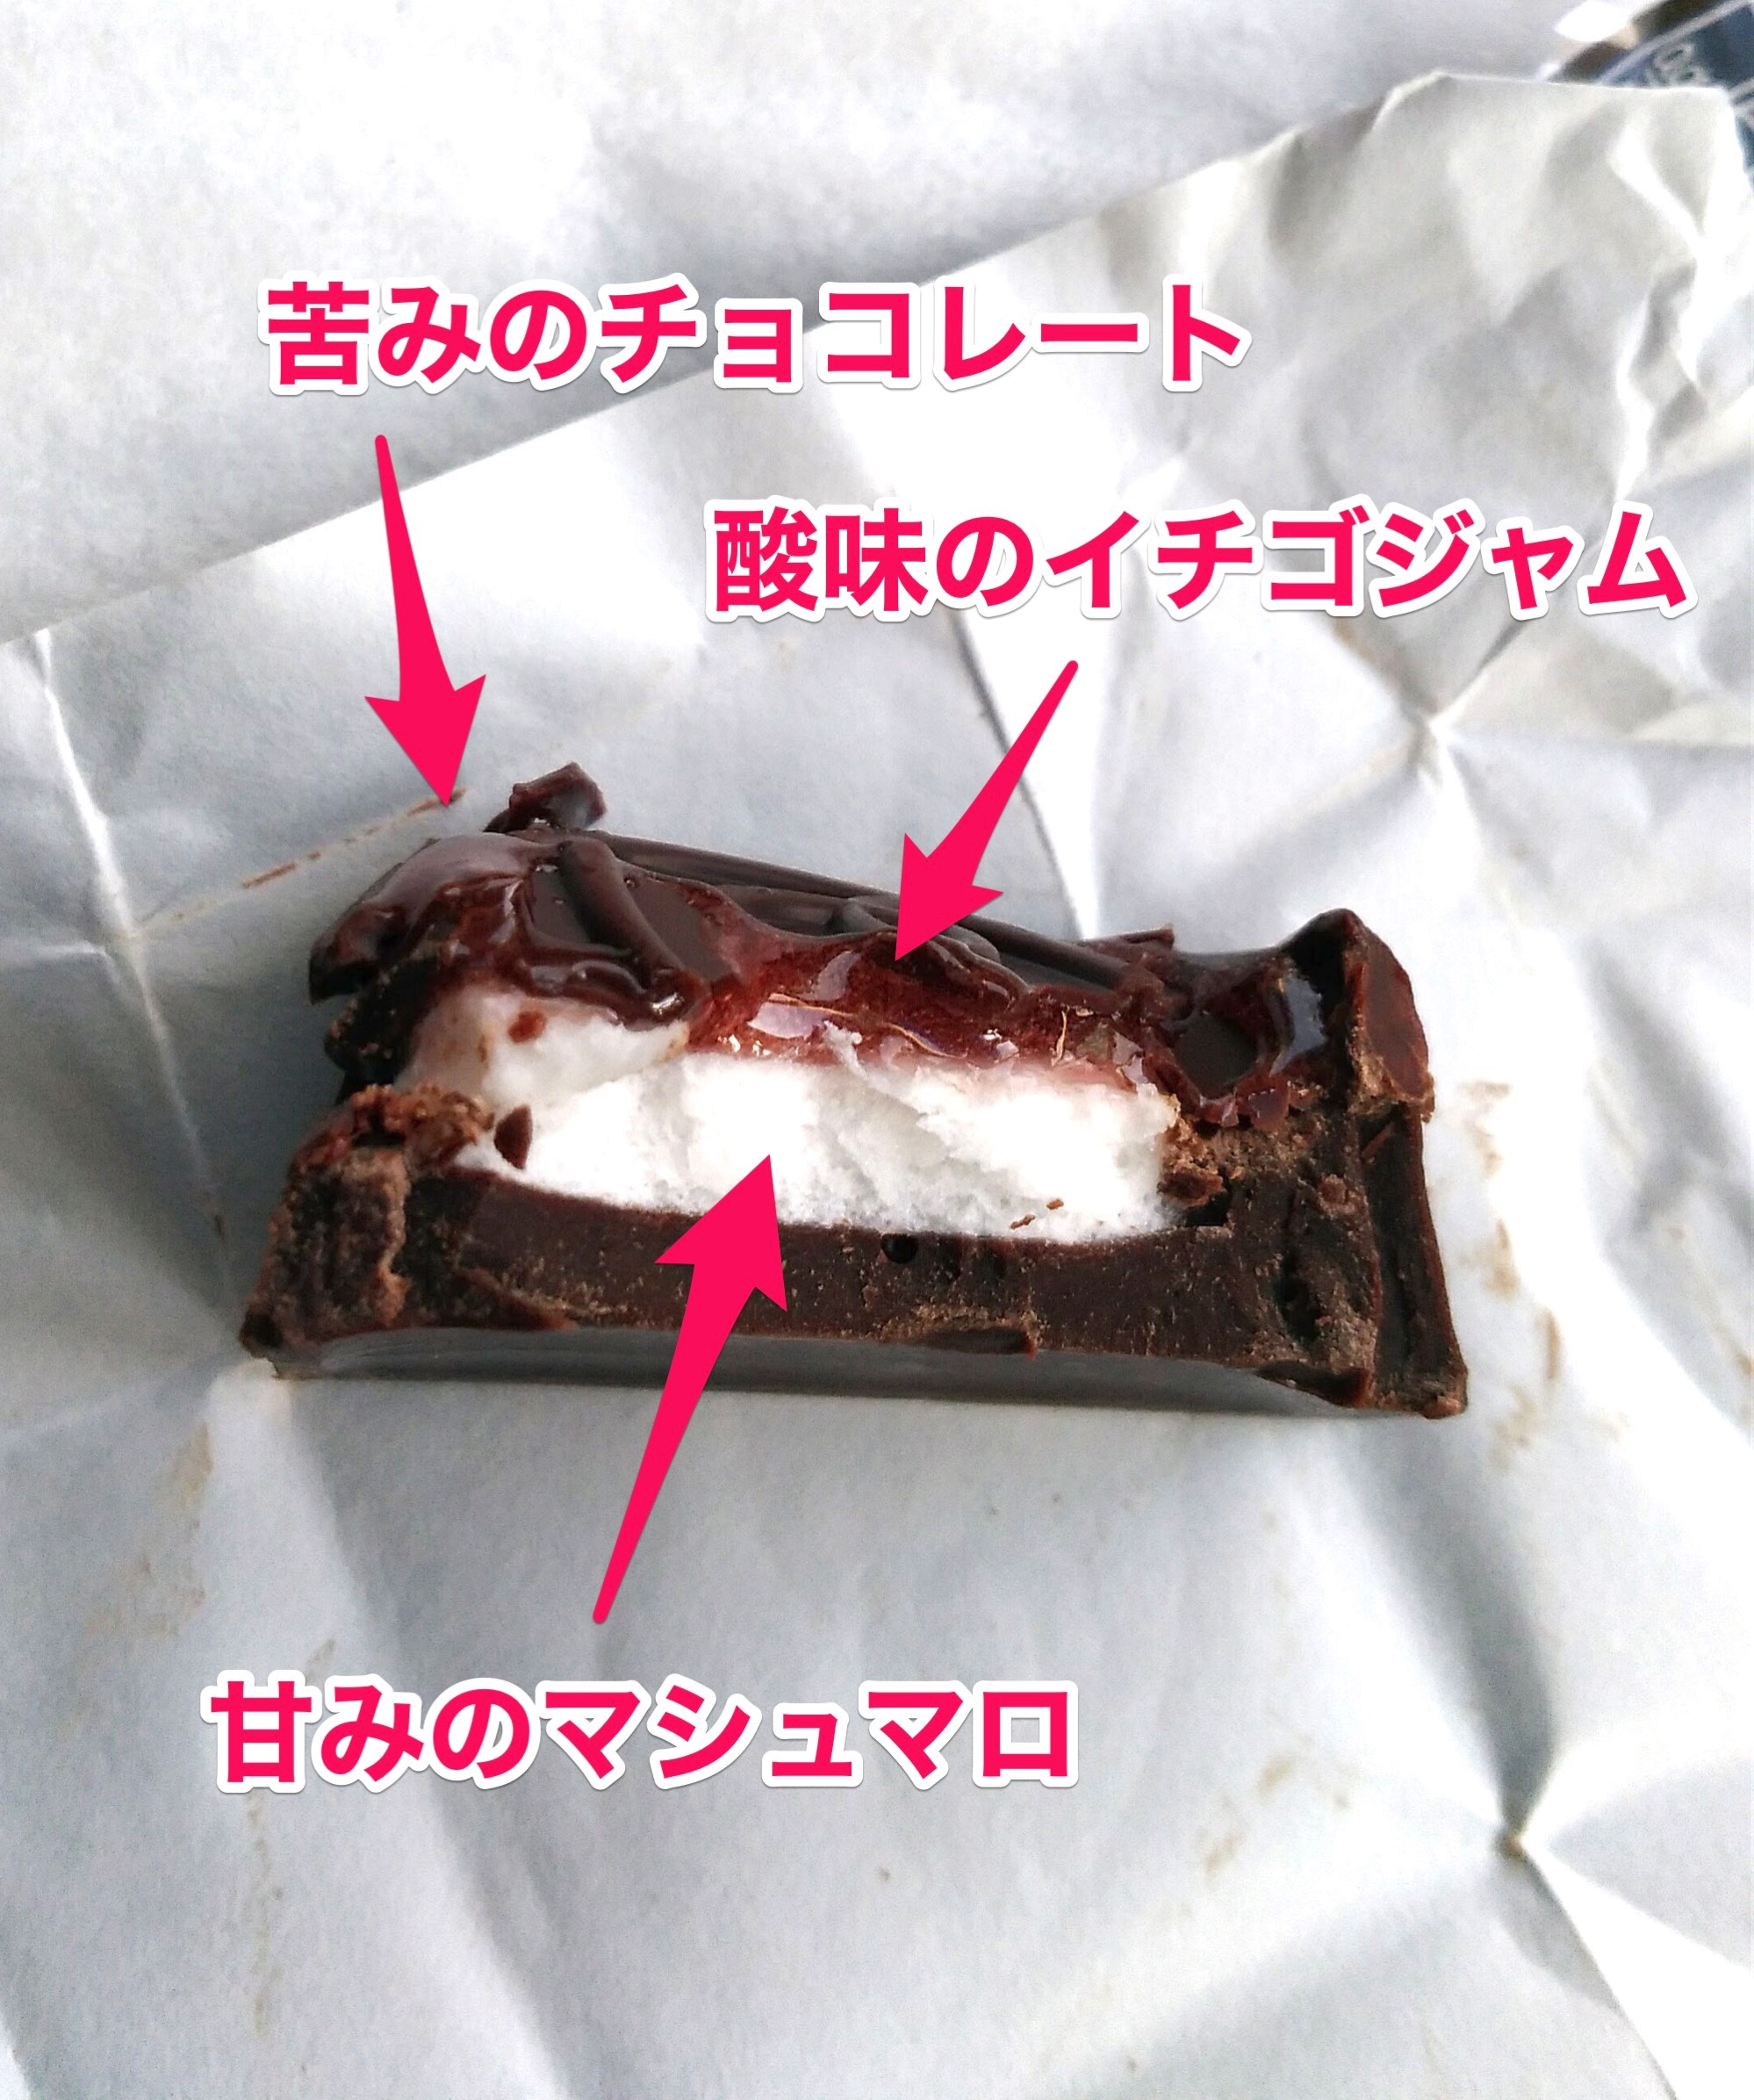 チョコレート、イチゴジャム、マシュマロが絶妙にマッチする